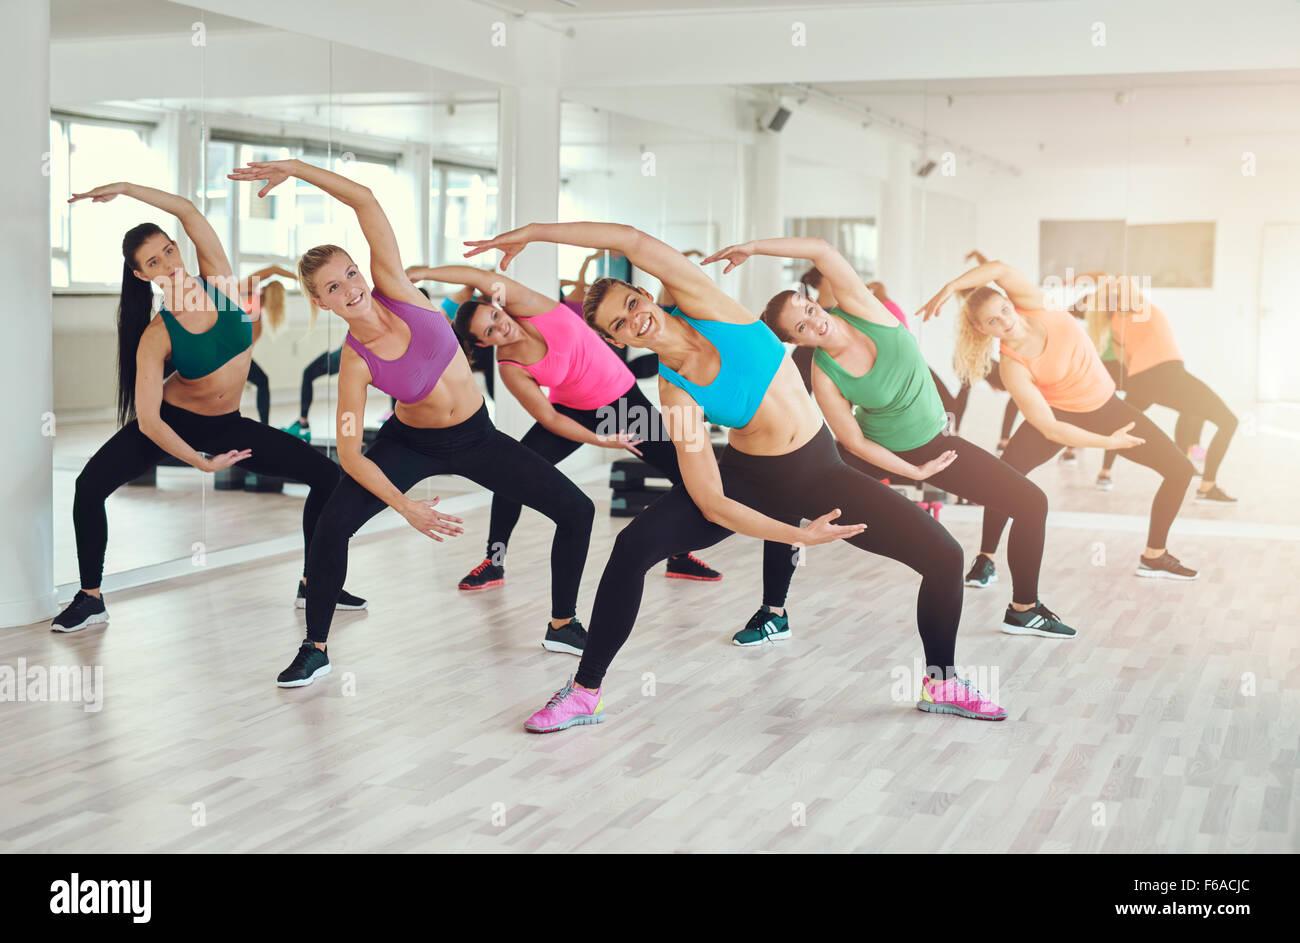 Lezione di aerobica presso la palestra con un gruppo di attraenti montare le giovani donne in colorate sportswear Immagini Stock